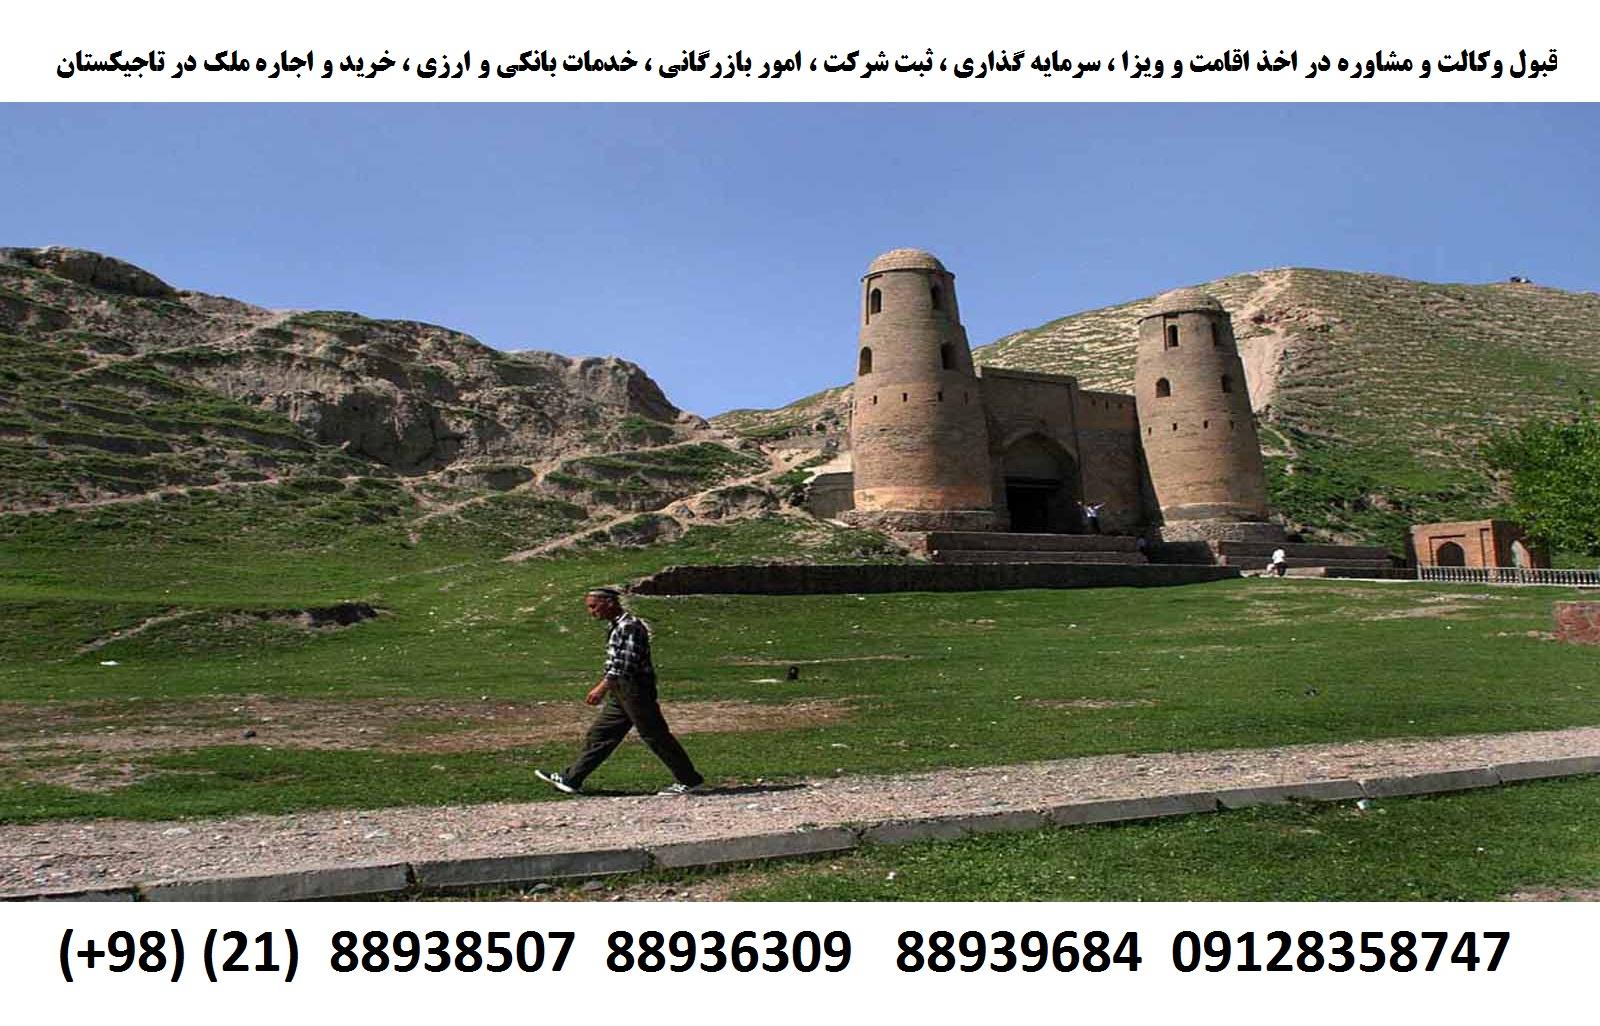 اقامت ، ویزا ، ثبت شرکت ، سرمایه گذاری در تاجیکستان (6)